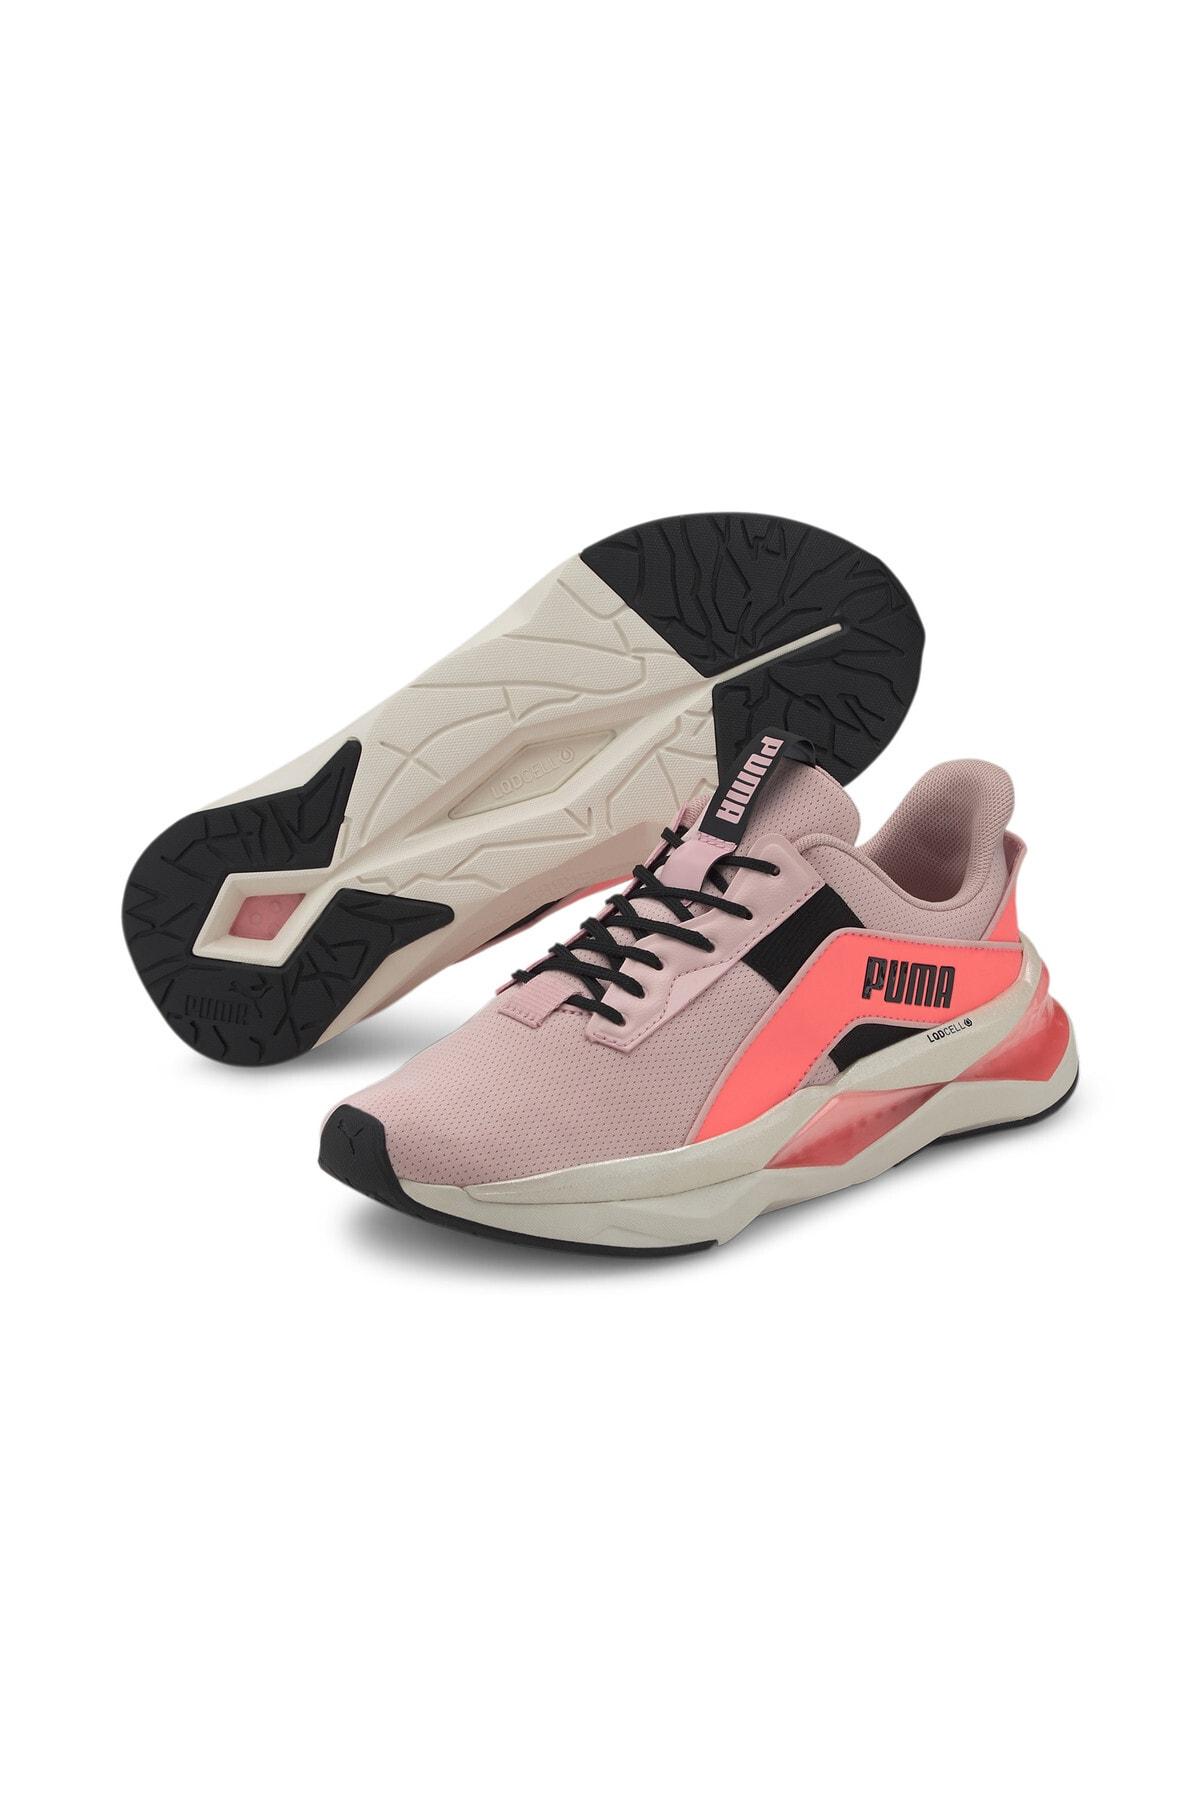 Puma LQDCELL SHATTER XT GEO PE Pembe Kadın Sneaker Ayakkabı 101119152 2